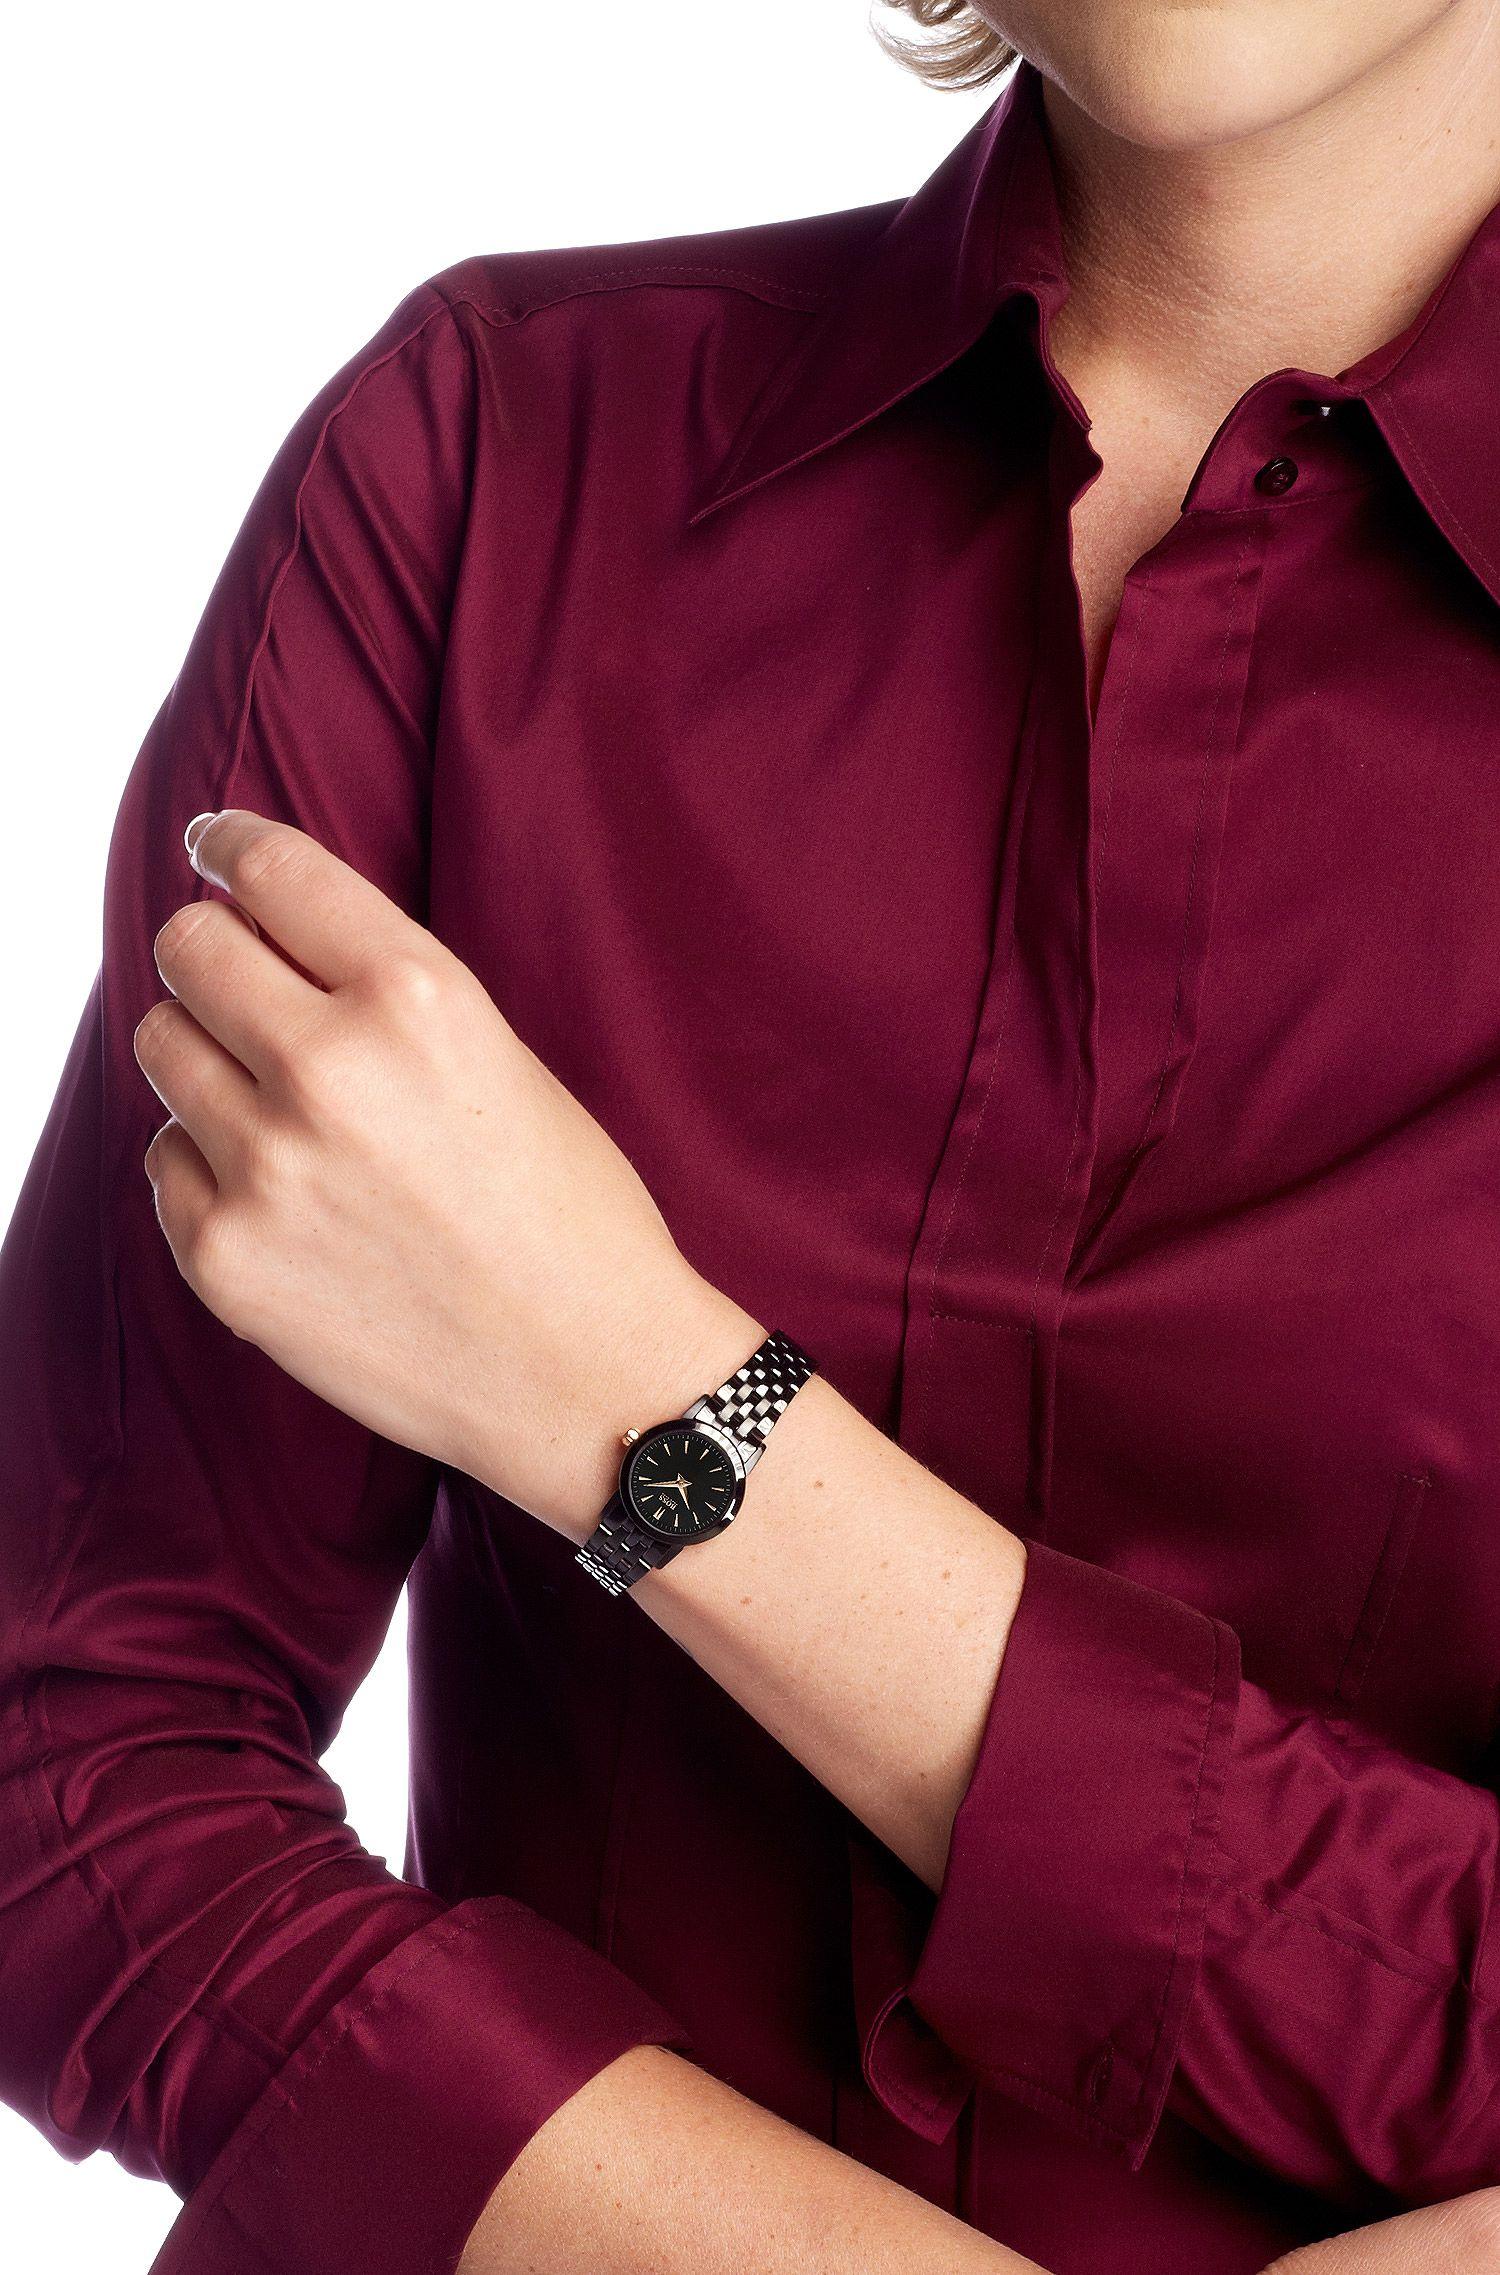 Montre pour femme«HB6020» avec bracelet en acier inoxydable